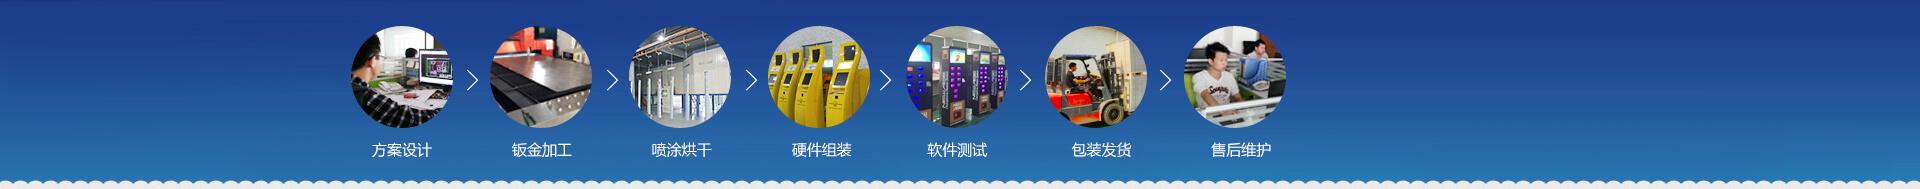 方案设计 > banjin加工 > pentuhong干 > ying件zu装 > ruan件测试 > 包装发huo > 售后wei护